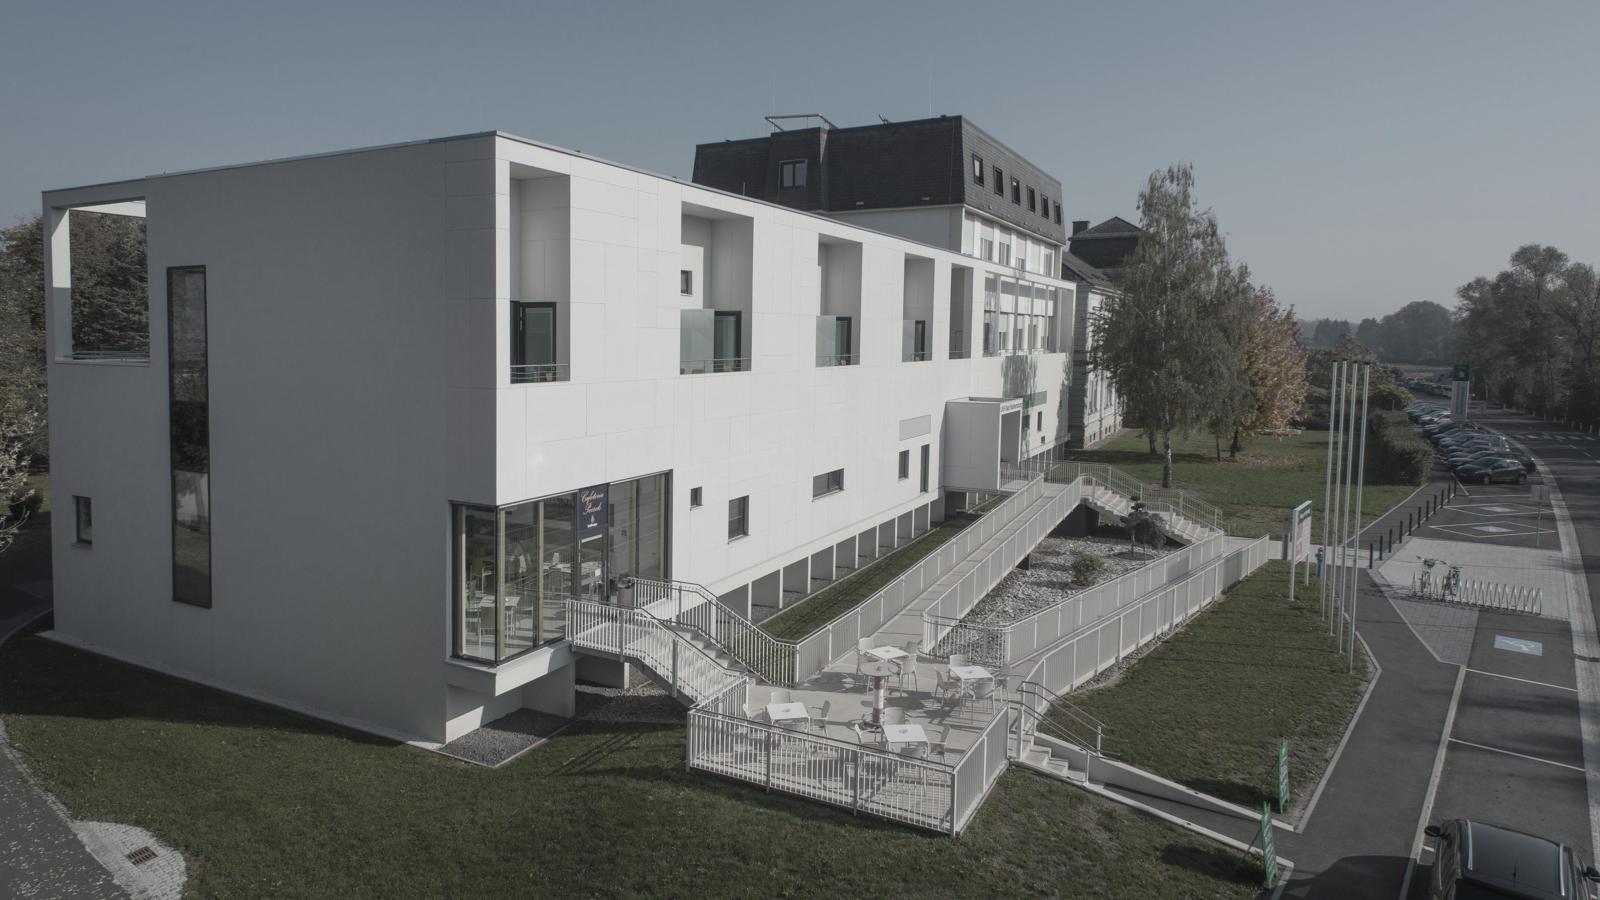 UMBAU UND ERWEITERUNG LANDESKRANKENHAUS_Fassadenbild02